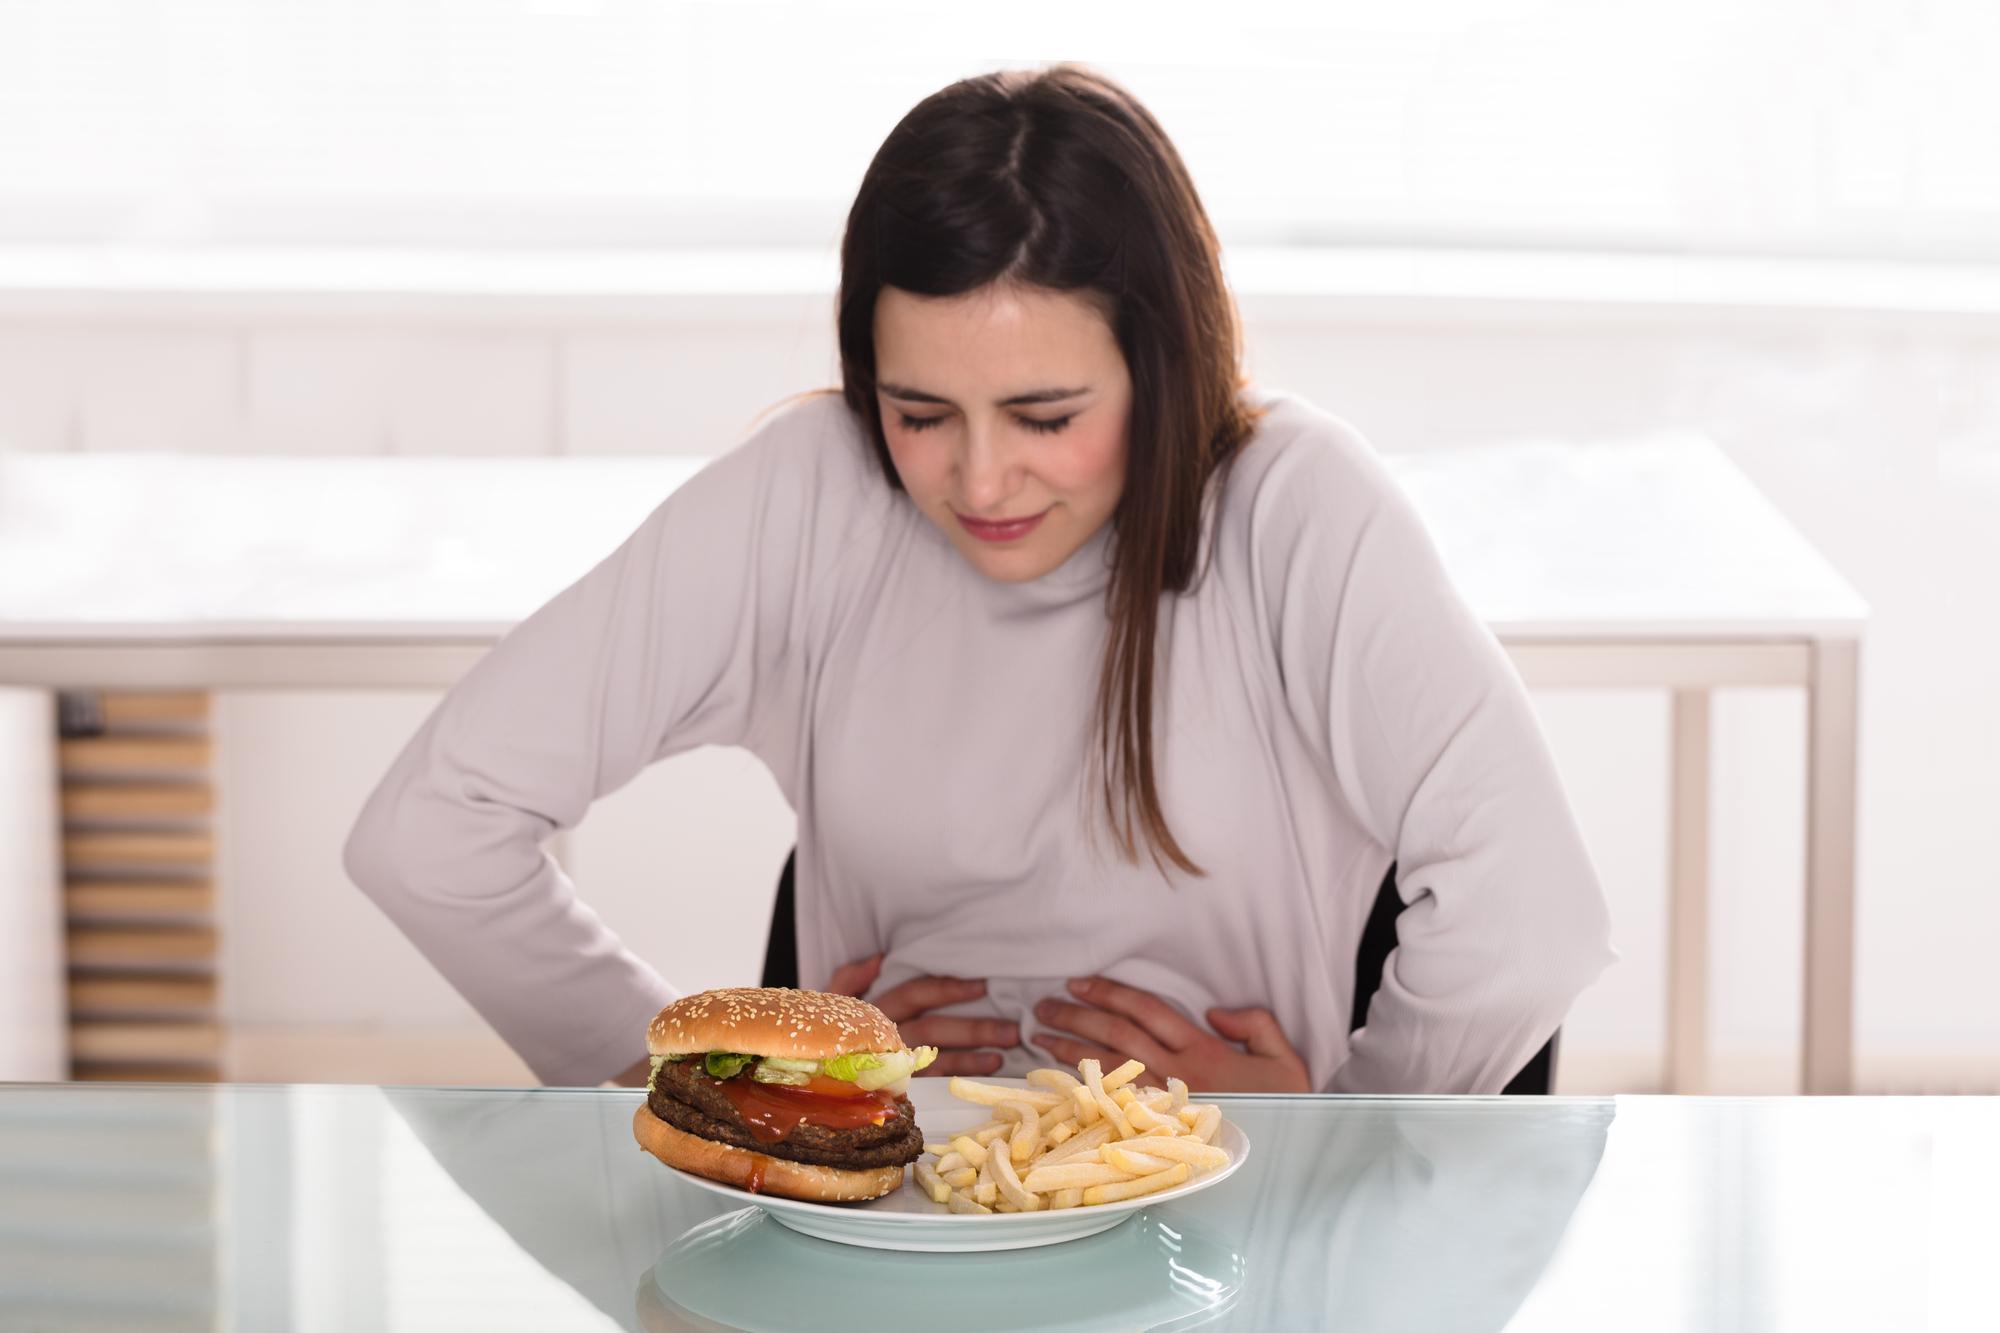 Пищевое отравление: как распознать и что есть после?